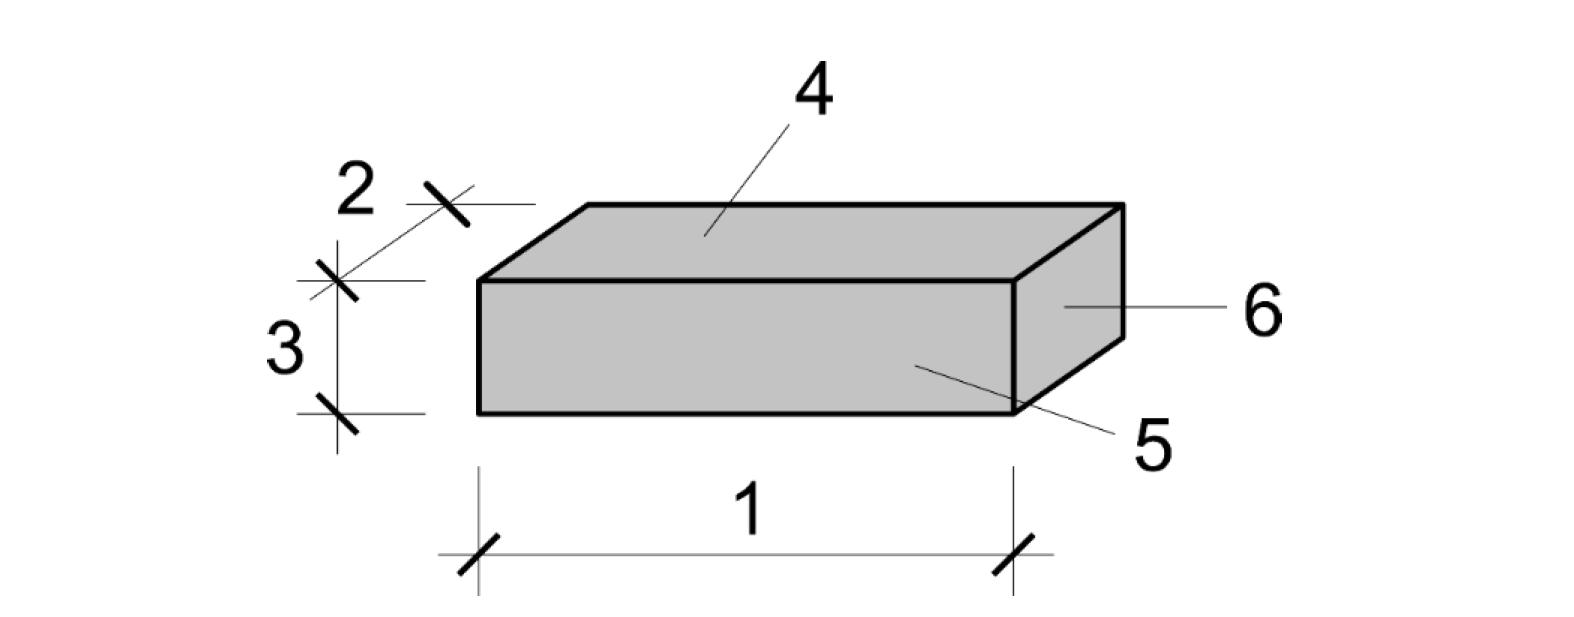 Mauerziegel – Maße und Oberflächen ÖNORM EN 771-1